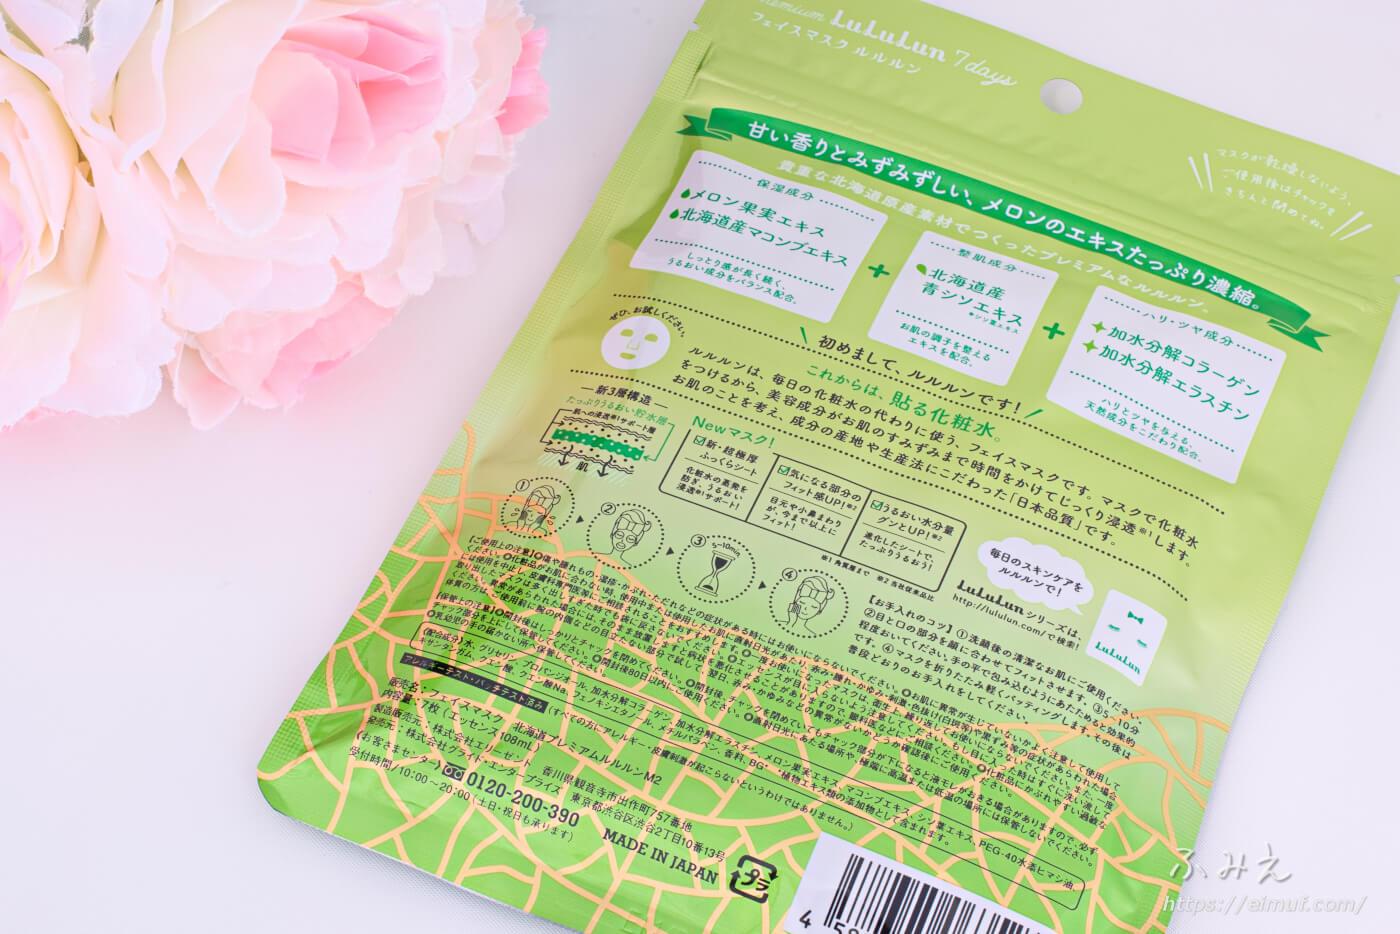 北海道のプレミアムルルルン メロンの香り 7枚入りパッケージ裏面